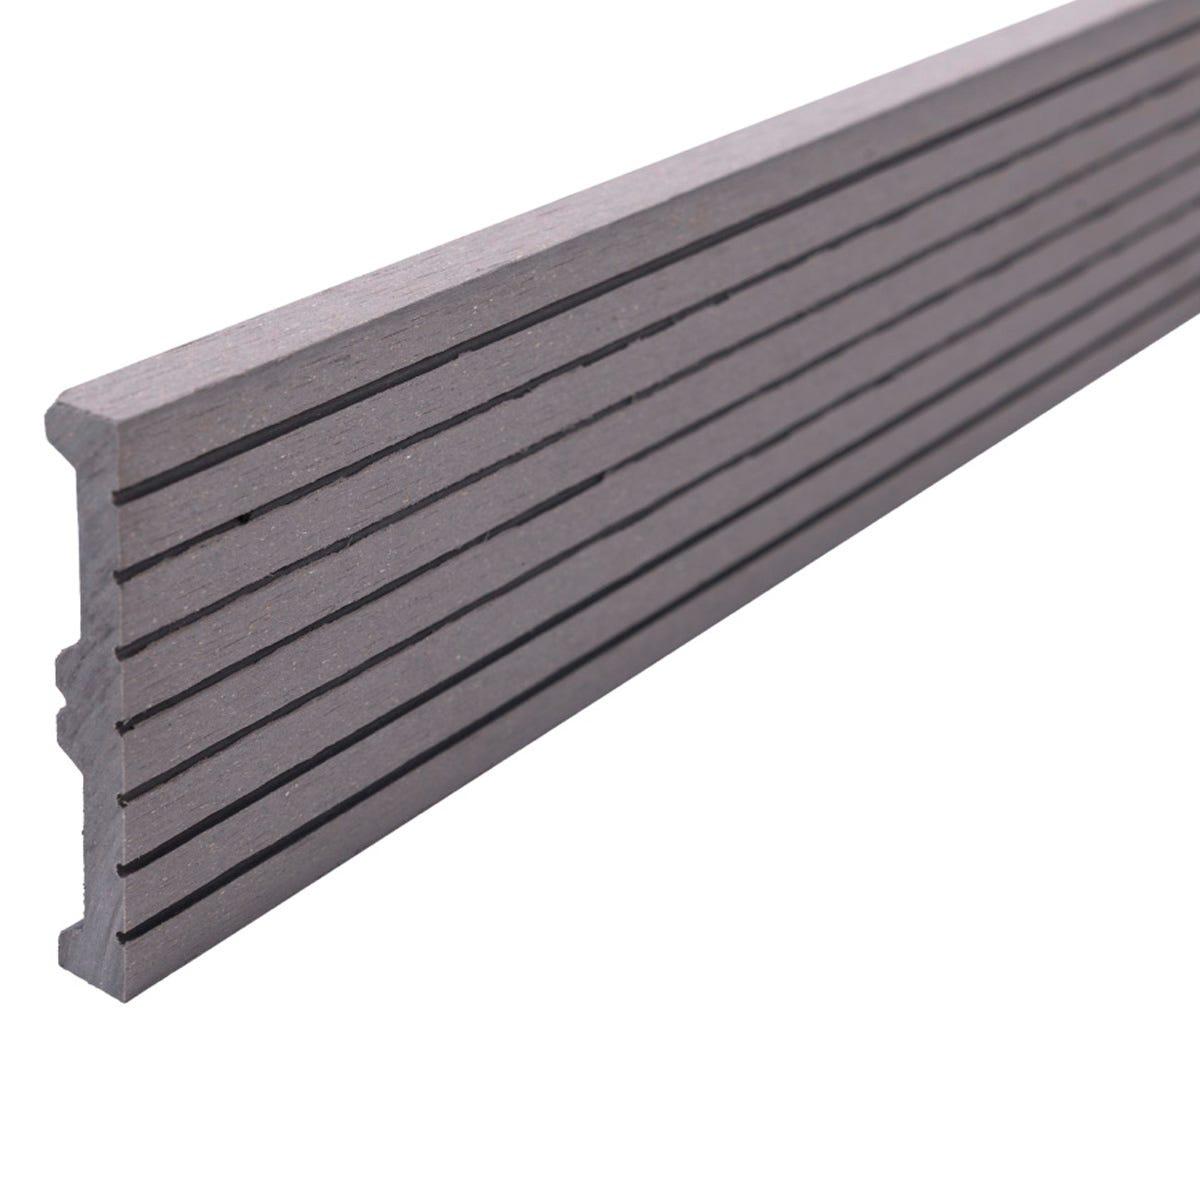 Select Composite Decking 3.6m Skirting Trim - Light Grey